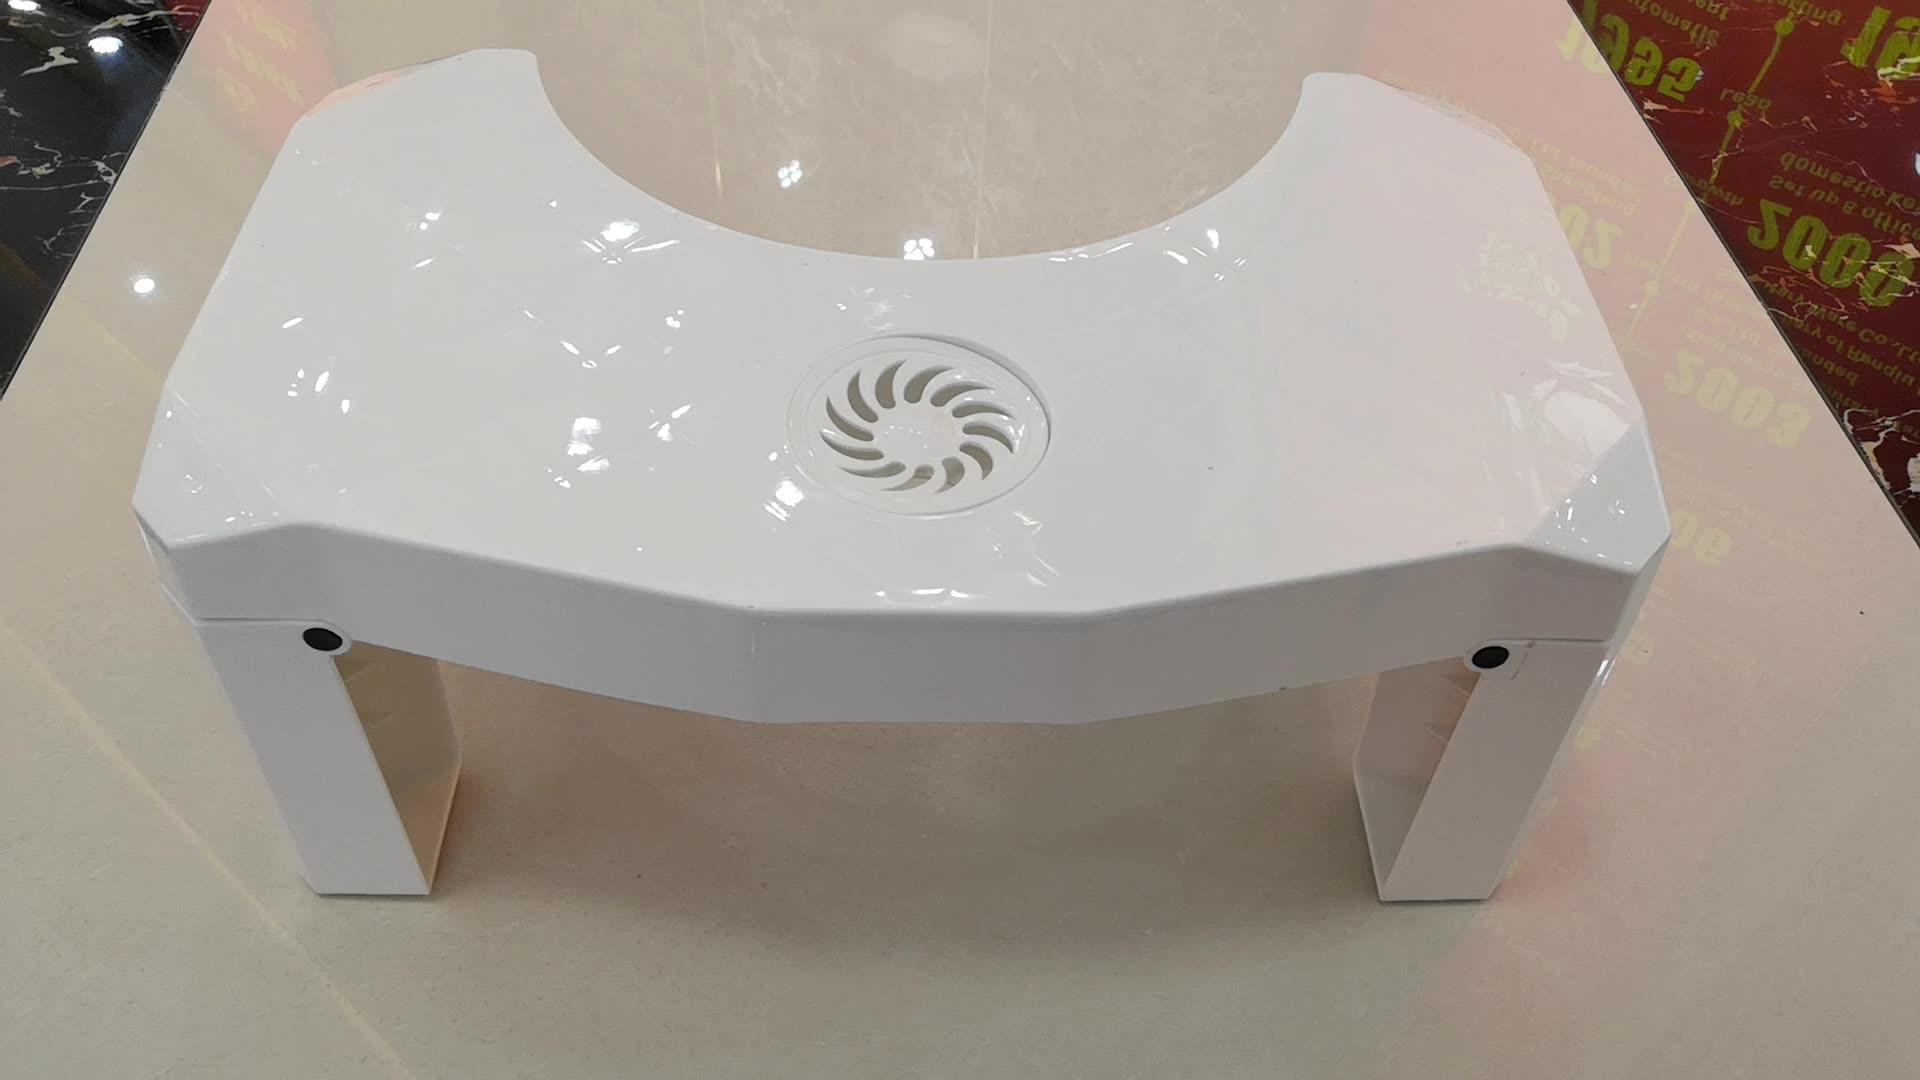 عدم الانزلاق الحمام البلاستيك للطي القرفصاء كرسي مرحاض